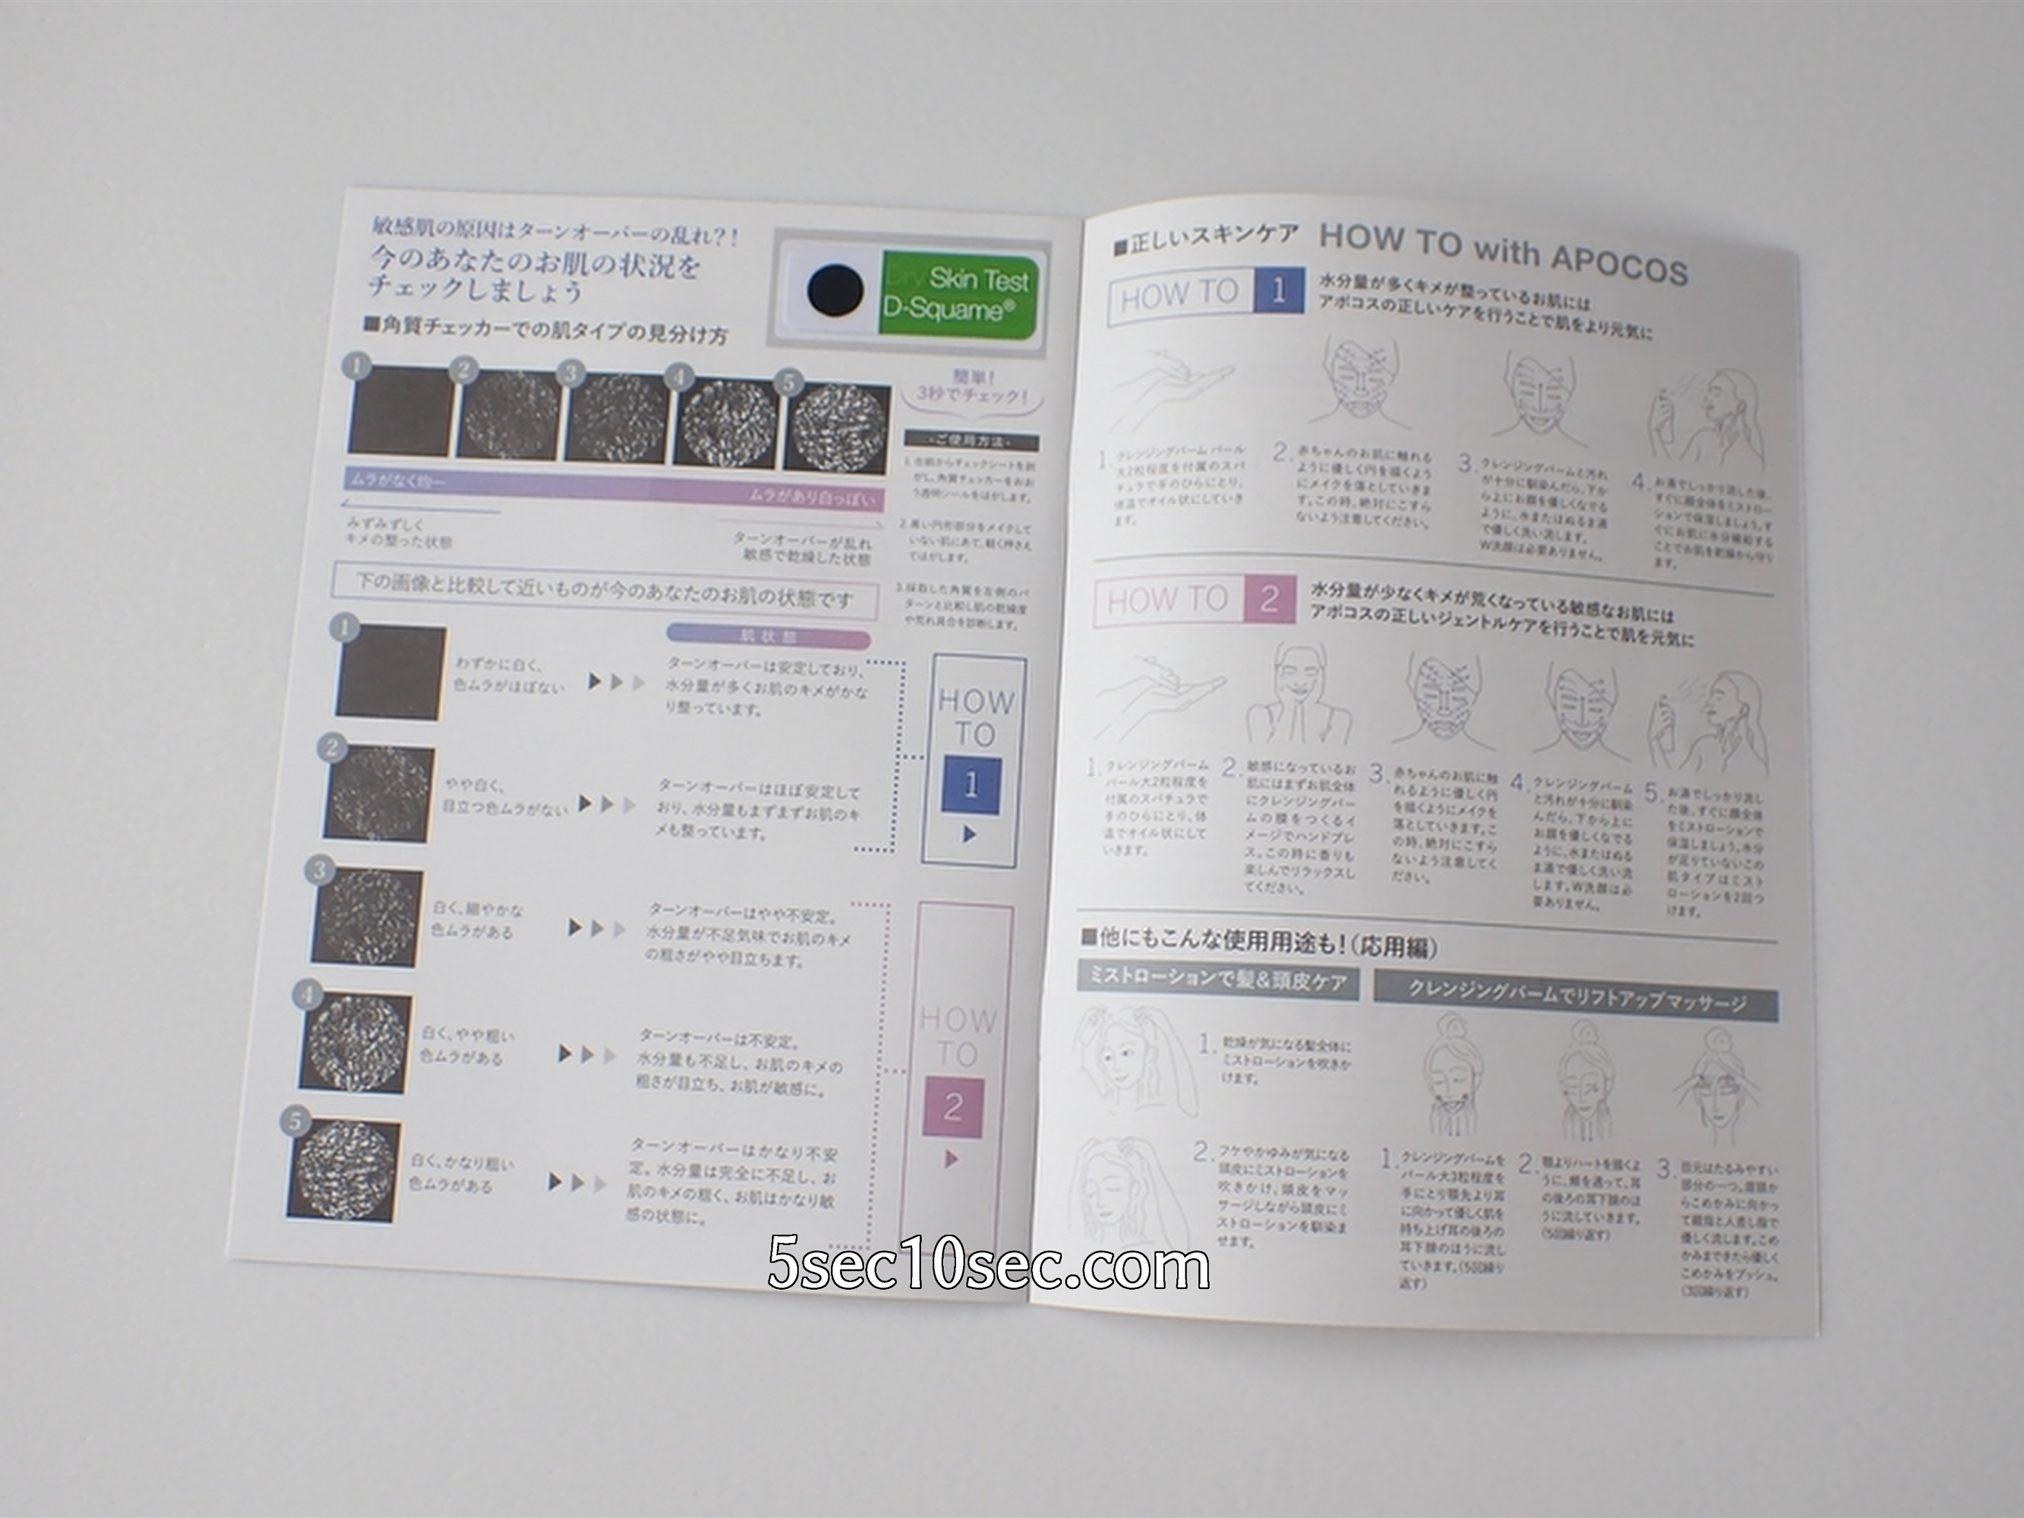 アポコス AP 肌診断キット付きファーストトライアルブック